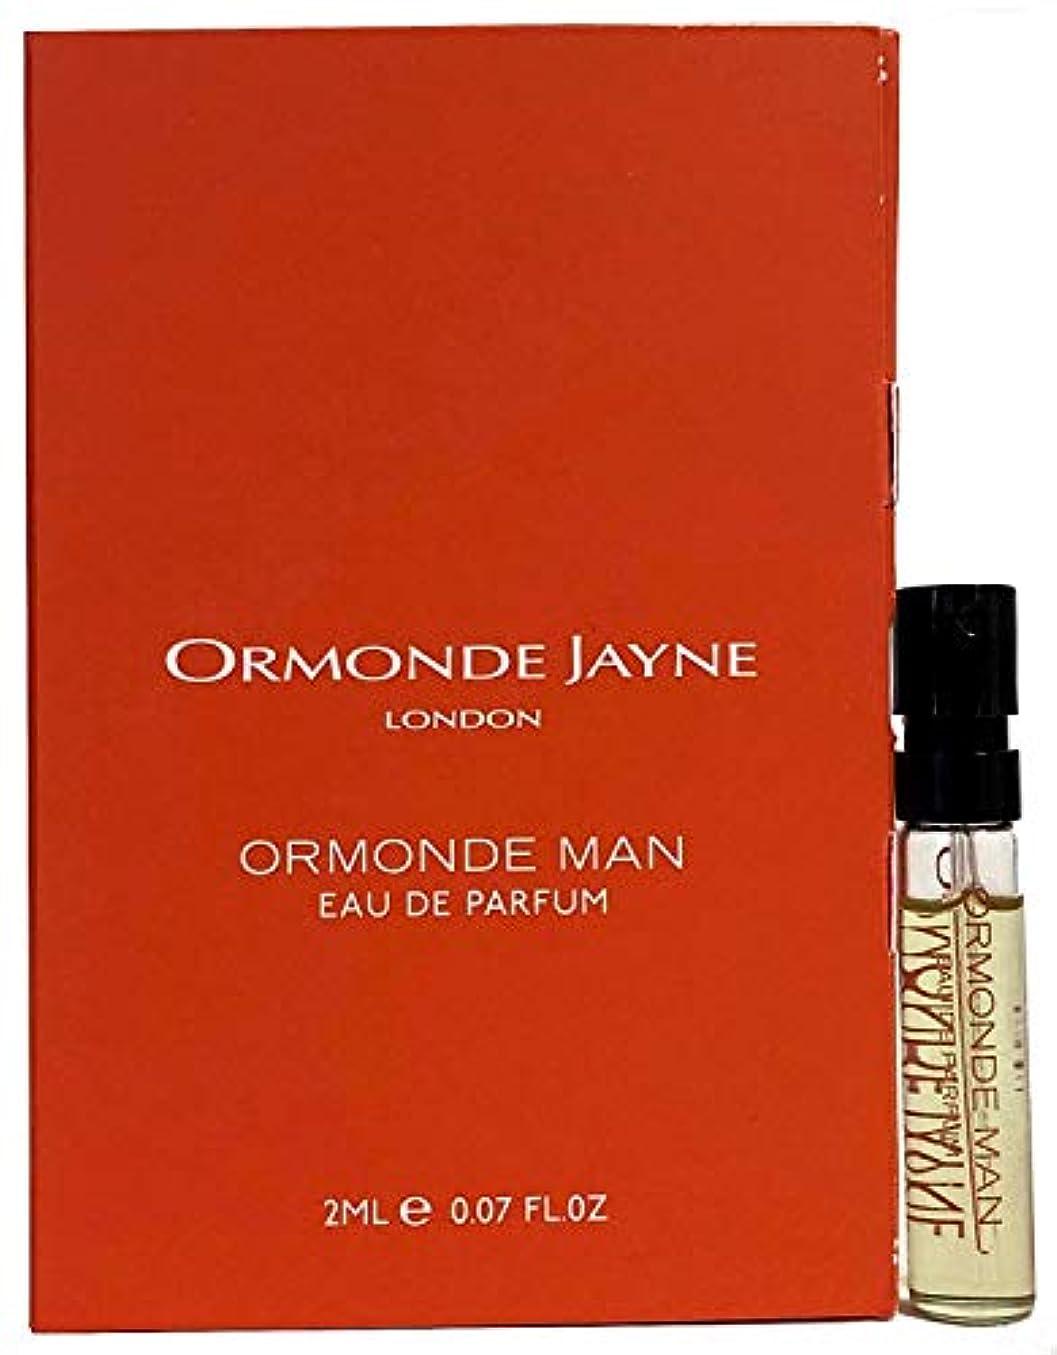 芽放射能六オーモンド ジェーン オーモンド マン オードパルファン 2ml(Ormonde Jayne ORMONDE MAN EDP Vial Sample 2ml)